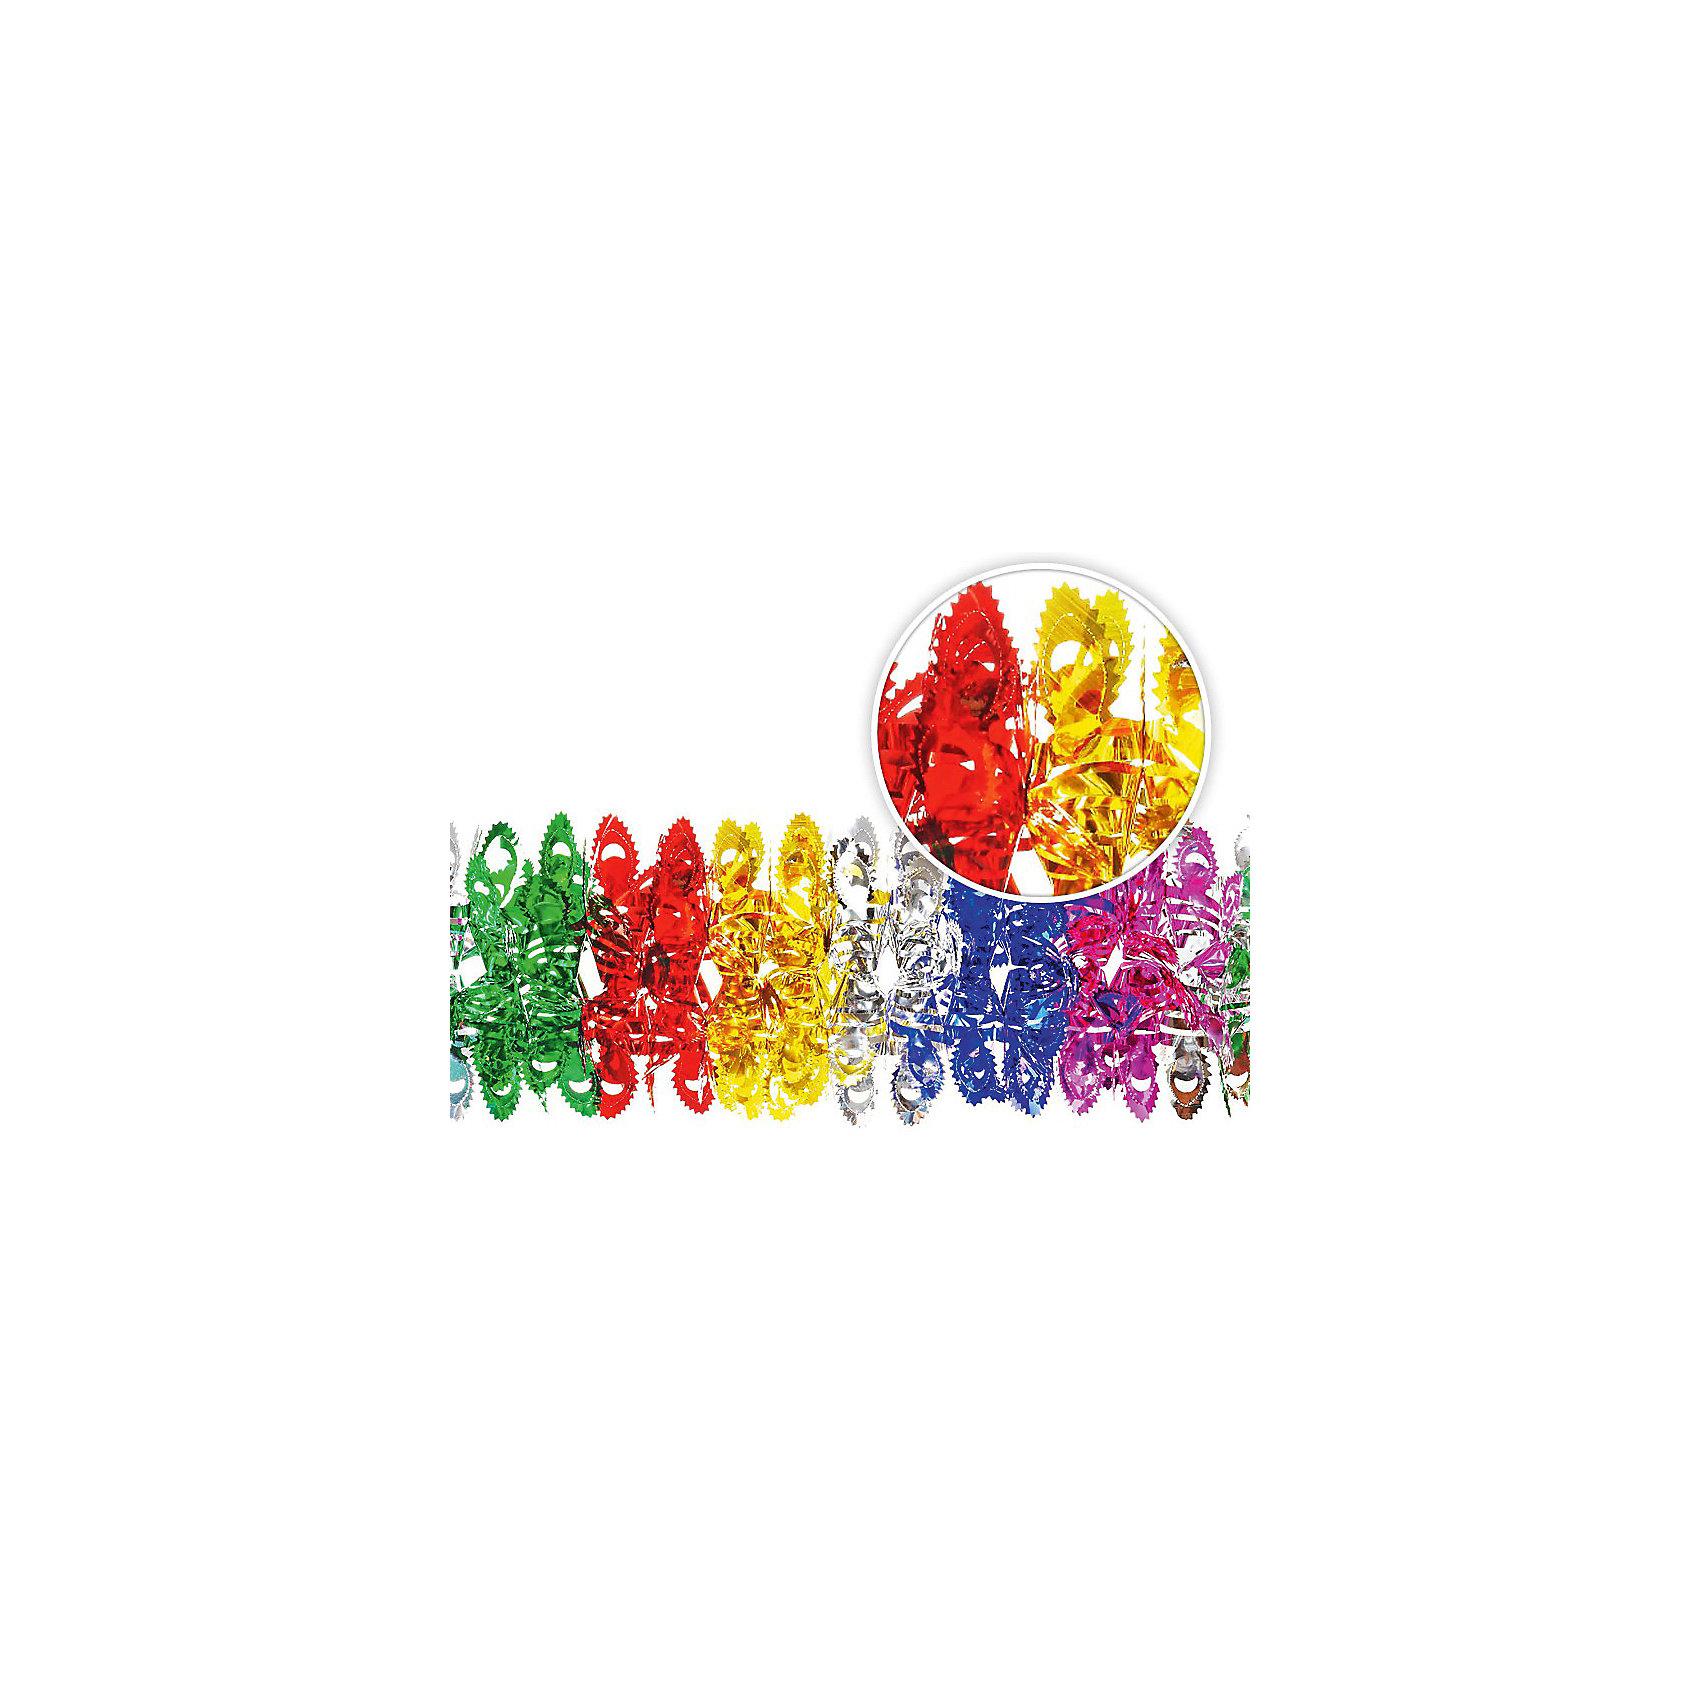 Растяжка фольгированная ФЕНИКС, TUKZARВсё для праздника<br>Растяжка фольгированная Феникс, Tukzar (Тукзар) станет замечательным украшением Вашего интерьера и поможет создать волшебную атмосферу новогодних праздников. Нарядная разноцветная растяжка с ажурными узорами будет чудесно смотреться в Вашей комнате или детской и радовать детей и взрослых. <br><br>Дополнительная информация:<br><br>- Диаметр: 29 см.<br>- Размер упаковки: 30 х 30 см.<br>- Вес: 108 гр. <br><br>Растяжку фольгированную Феникс, Tukzar (Тукзар) можно купить в нашем интернет-магазине.<br><br>Ширина мм: 300<br>Глубина мм: 300<br>Высота мм: 100<br>Вес г: 108<br>Возраст от месяцев: 36<br>Возраст до месяцев: 168<br>Пол: Унисекс<br>Возраст: Детский<br>SKU: 3875851